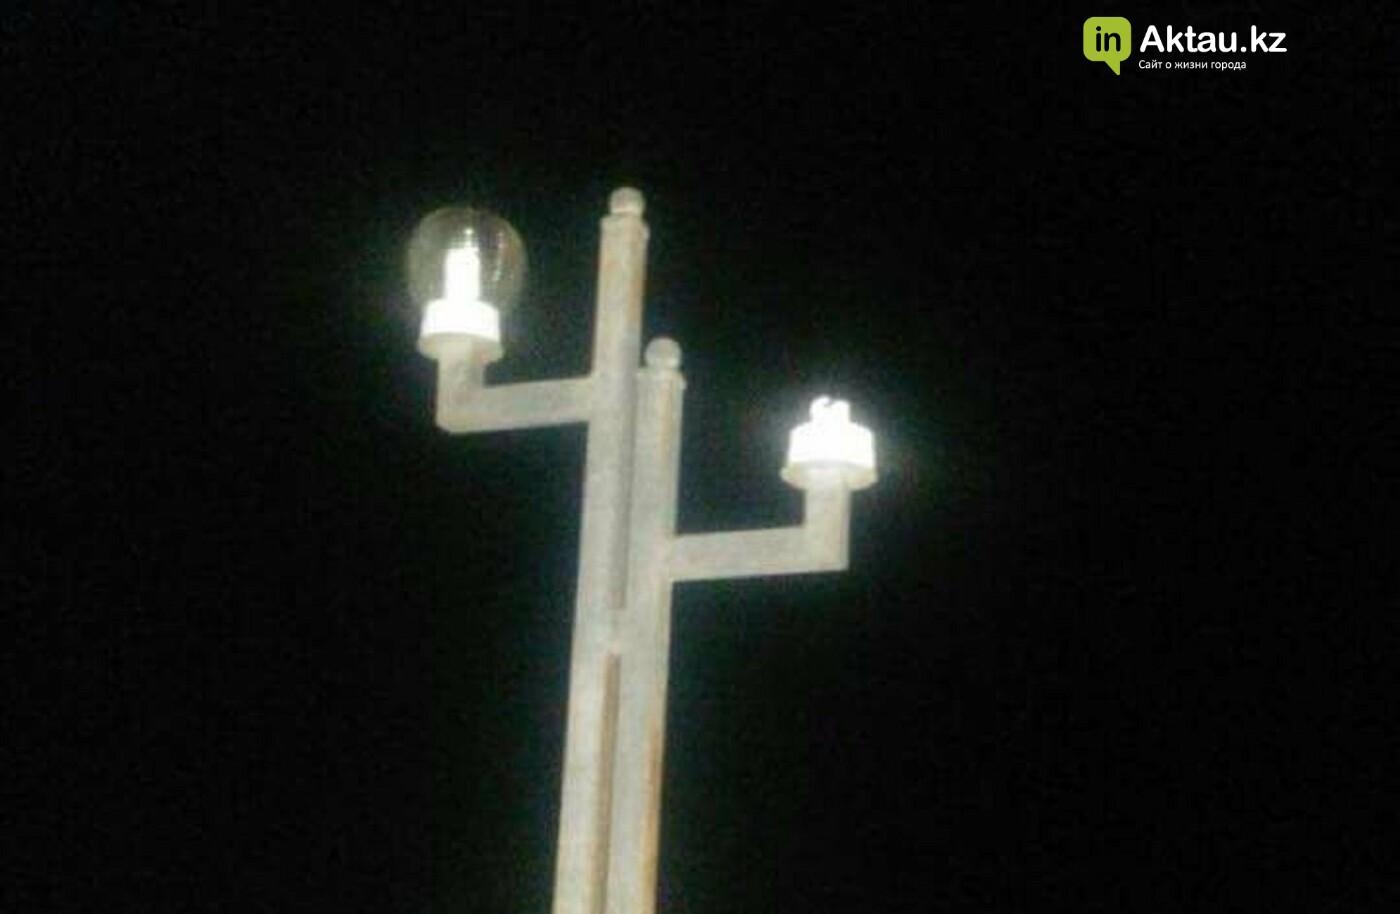 Вандалы в Акшукуре перебили недавно установленные фонари на главной площади , фото-1